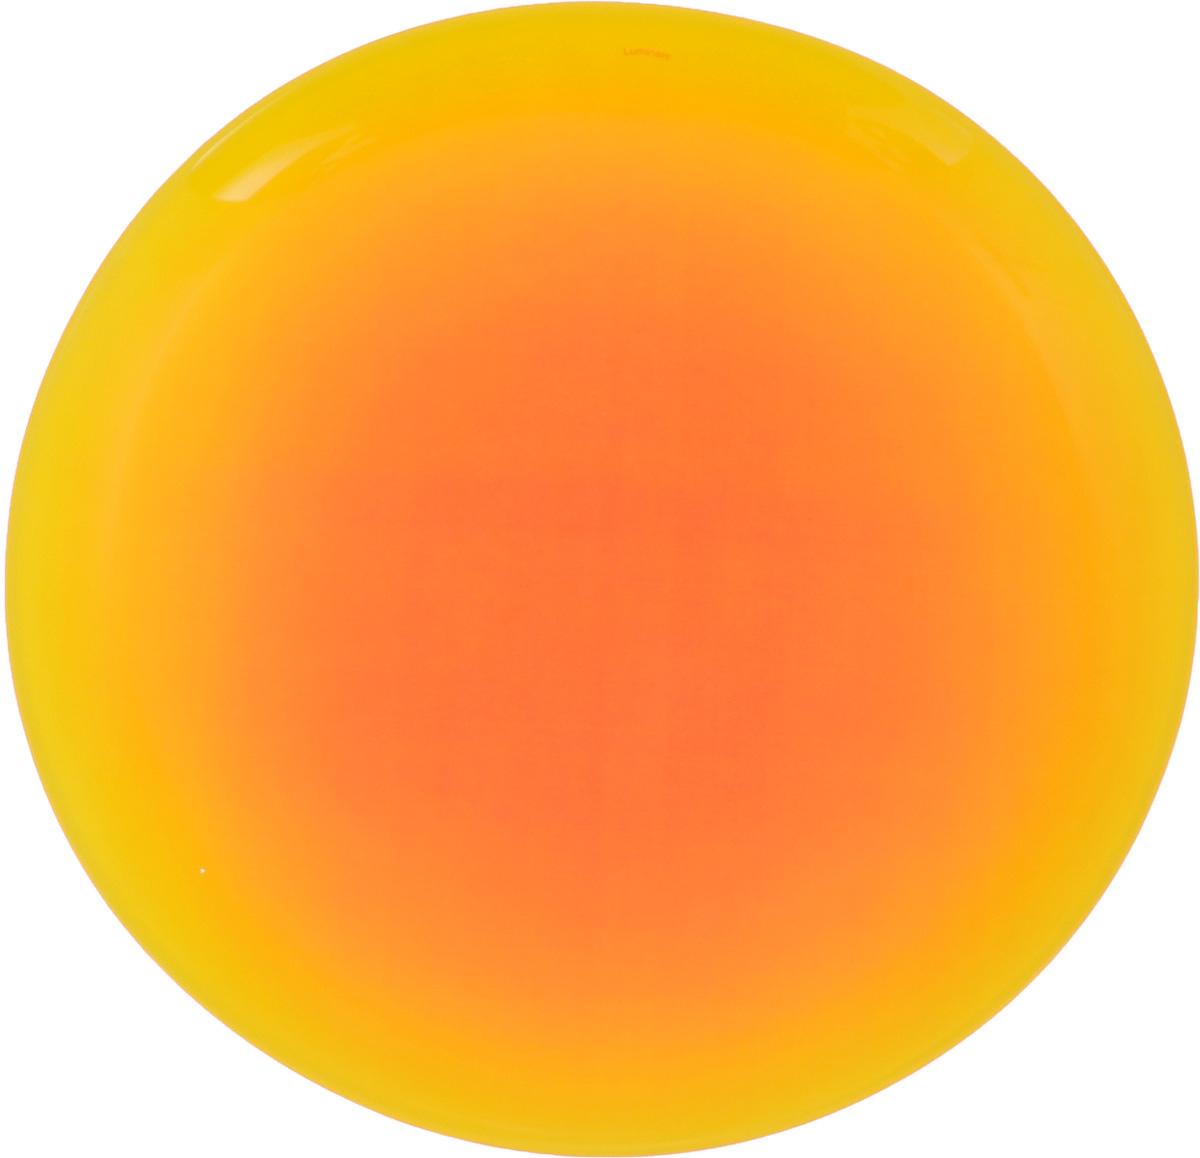 Тарелка Luminarc Fizz Lemon, диаметр 25 смG9547Тарелка Luminarc Fizz Lemon, изготовленная из ударопрочного стекла и имеет оригинальный дизайн. Такая тарелка прекрасно подходит как для торжественных случаев, так и для повседневного использования. Идеальна для подачи десертов, пирожных, тортов и многого другого. Она прекрасно оформит стол и станет отличным дополнением к вашей коллекции кухонной посуды. Диаметр тарелки (по верхнему краю): 25 см. Высота тарелки: 2,2 см.